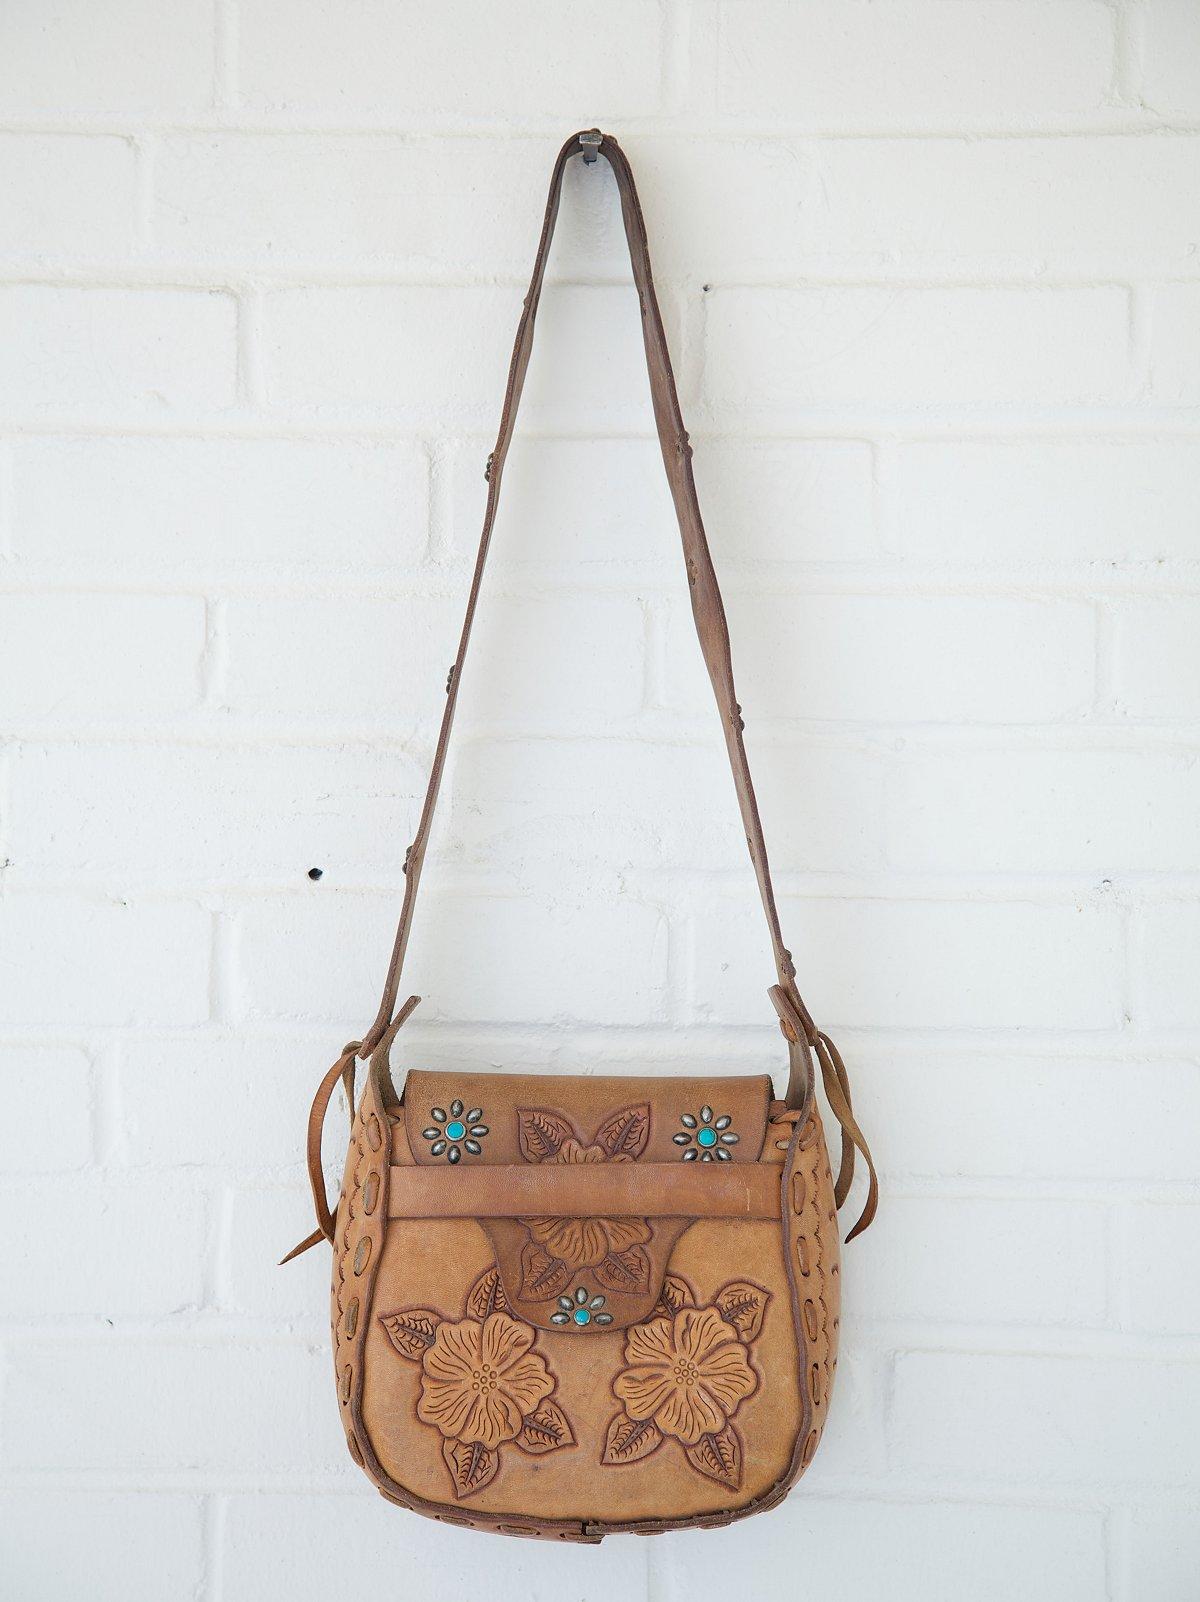 Vintage Embossed Floral Studded Saddle Bag